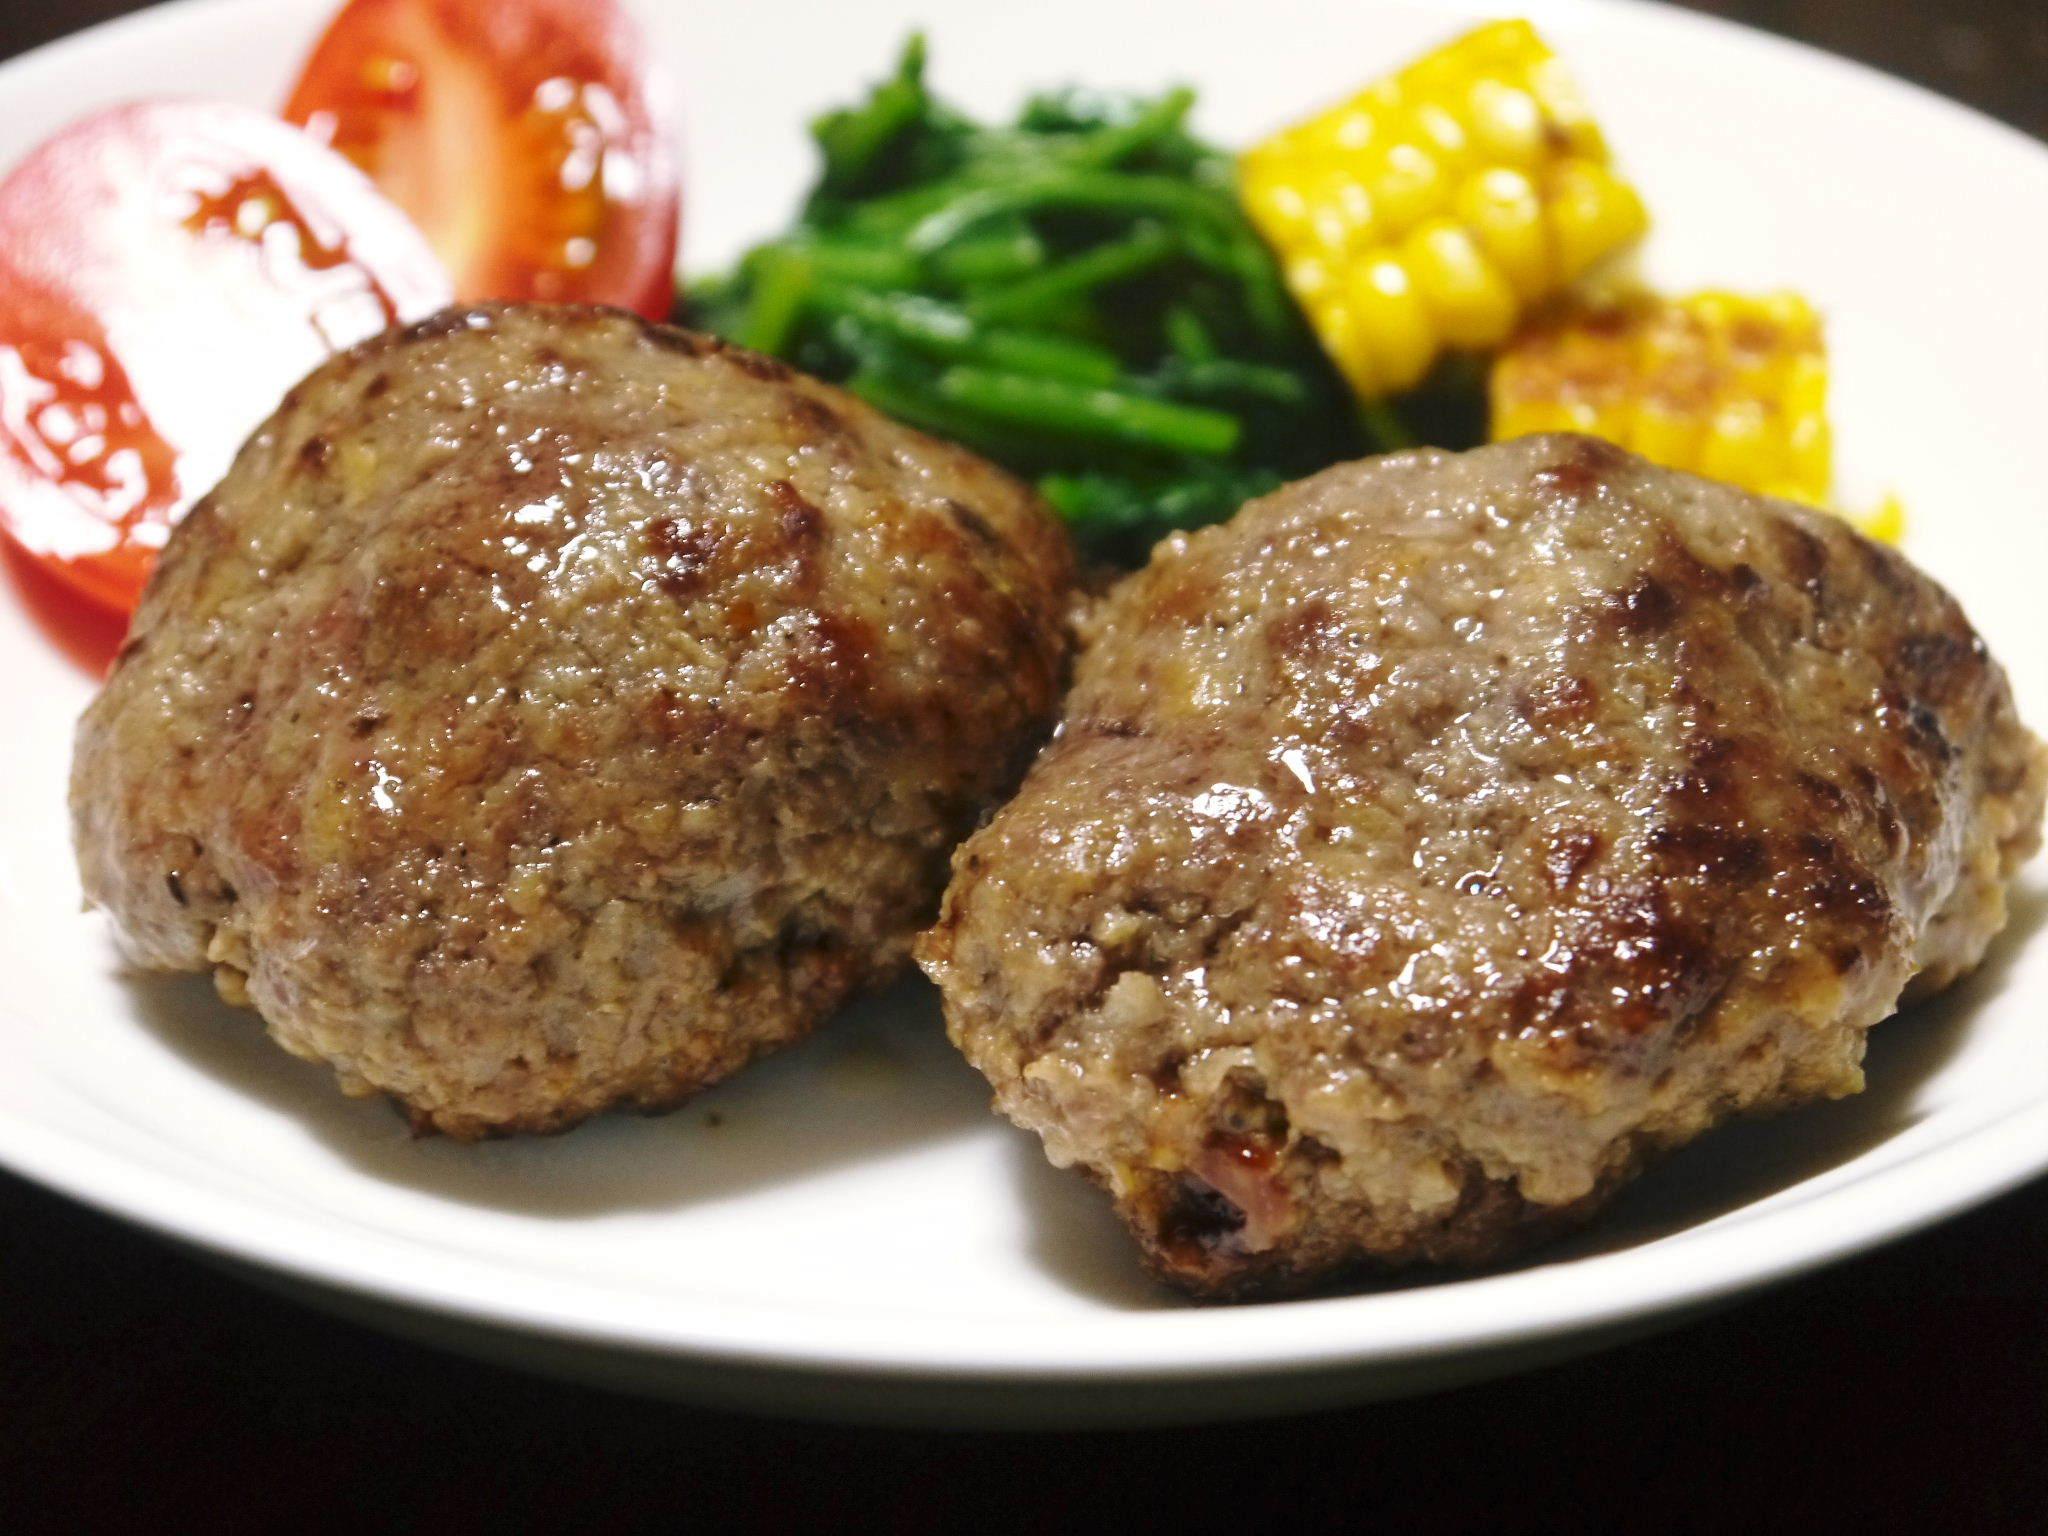 お歳暮にいかがですか!熊本県産黒毛和牛100%のハンバーグステーキを数量限定で予約販売中!_a0254656_17183411.jpg